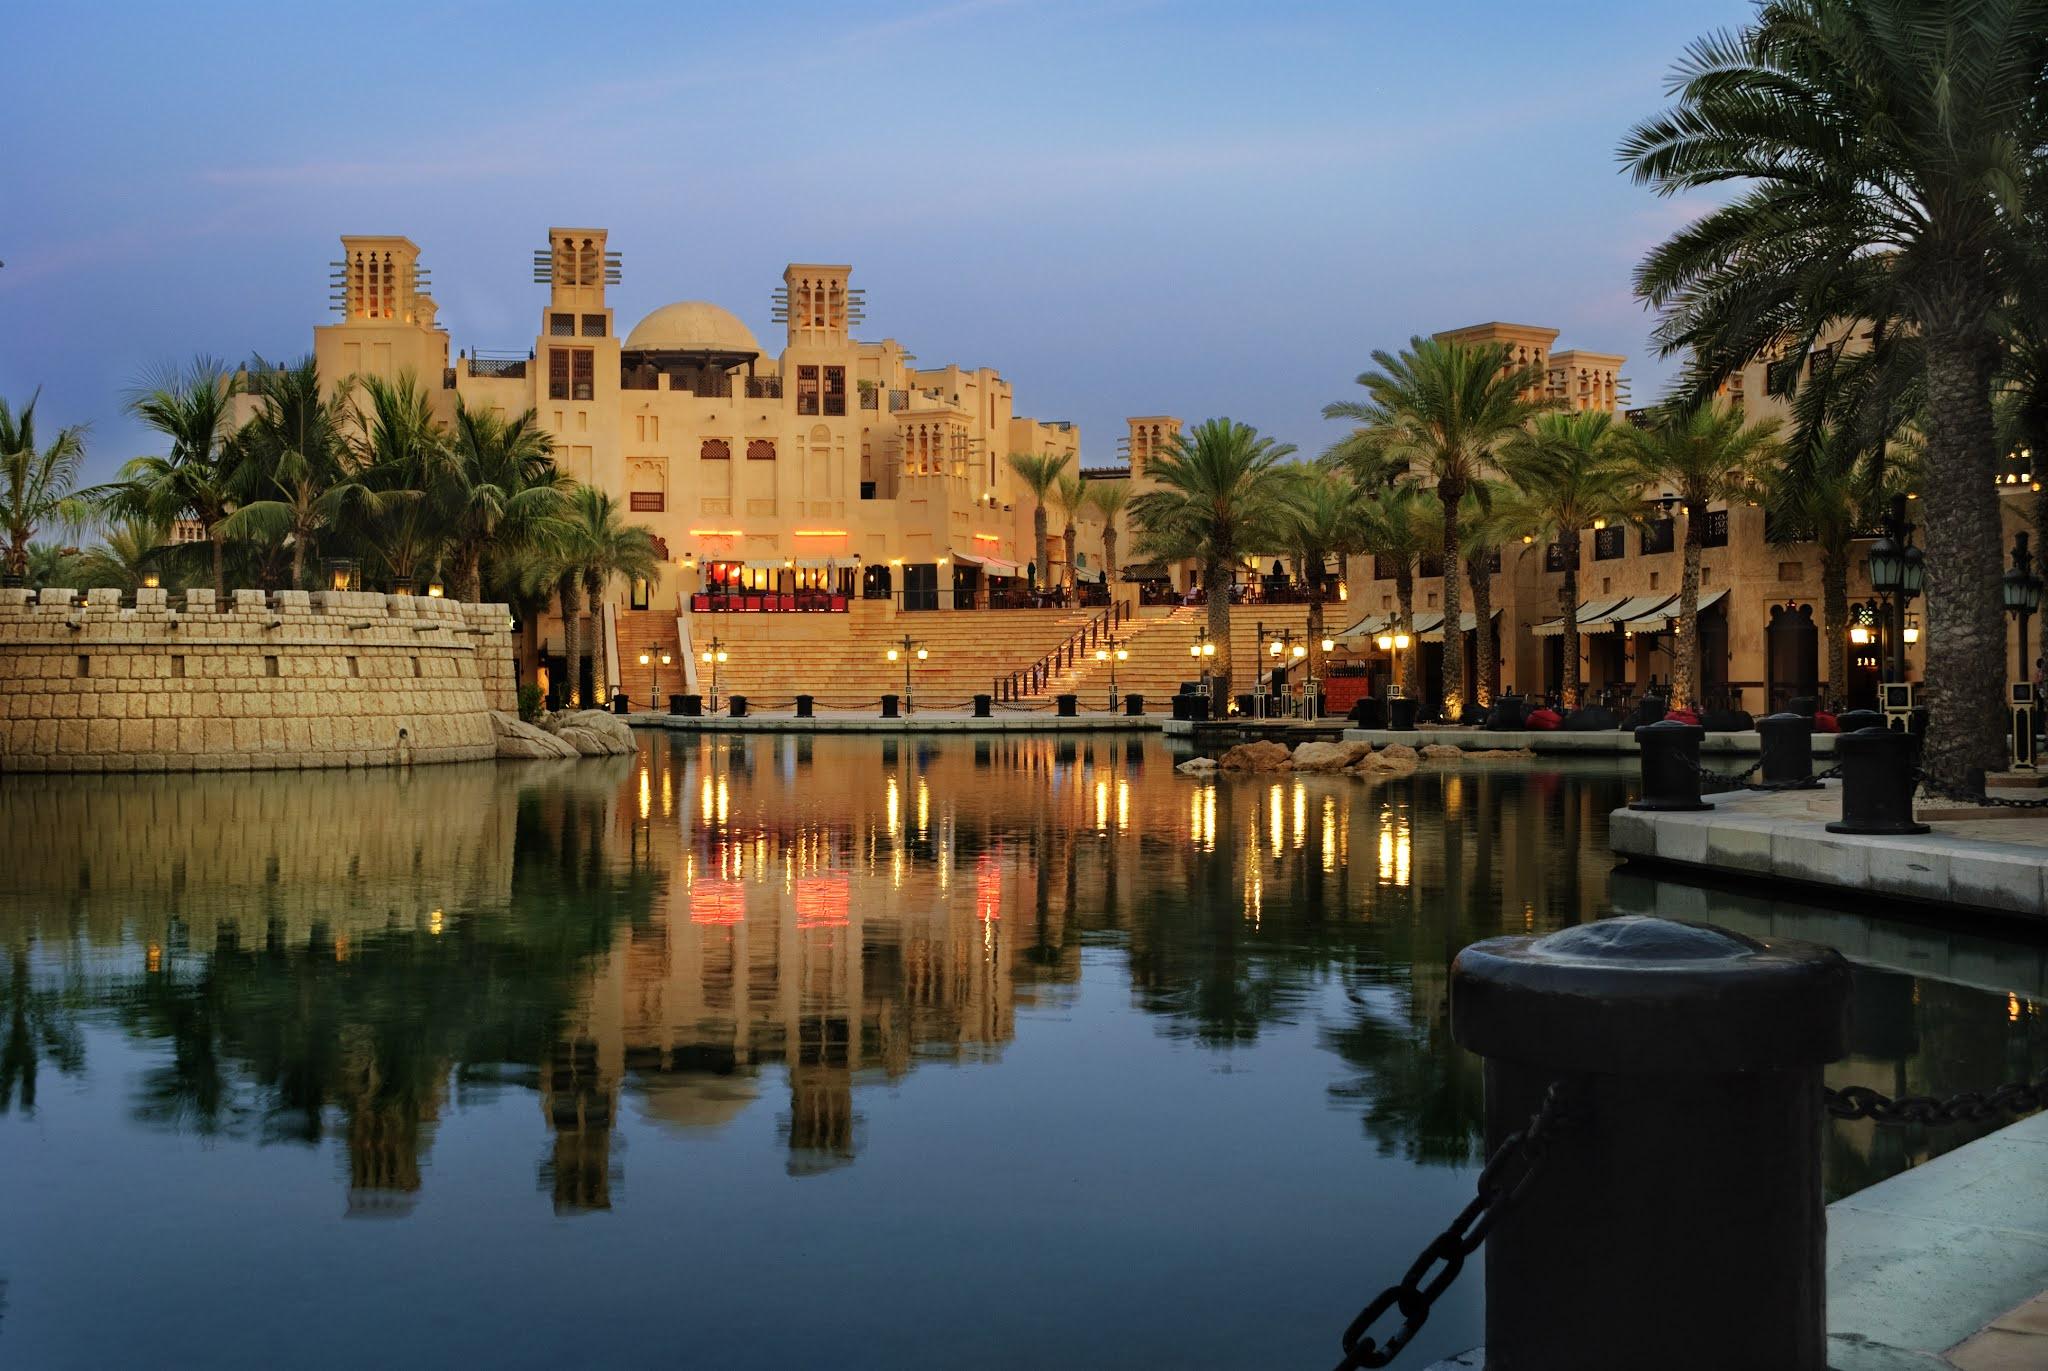 """""""دبي للسياحة"""" تحدد أول يوليو آخر موعد لمنشآت الإمارة الفندقية لتنفيذ متطلبات الاستدامة"""